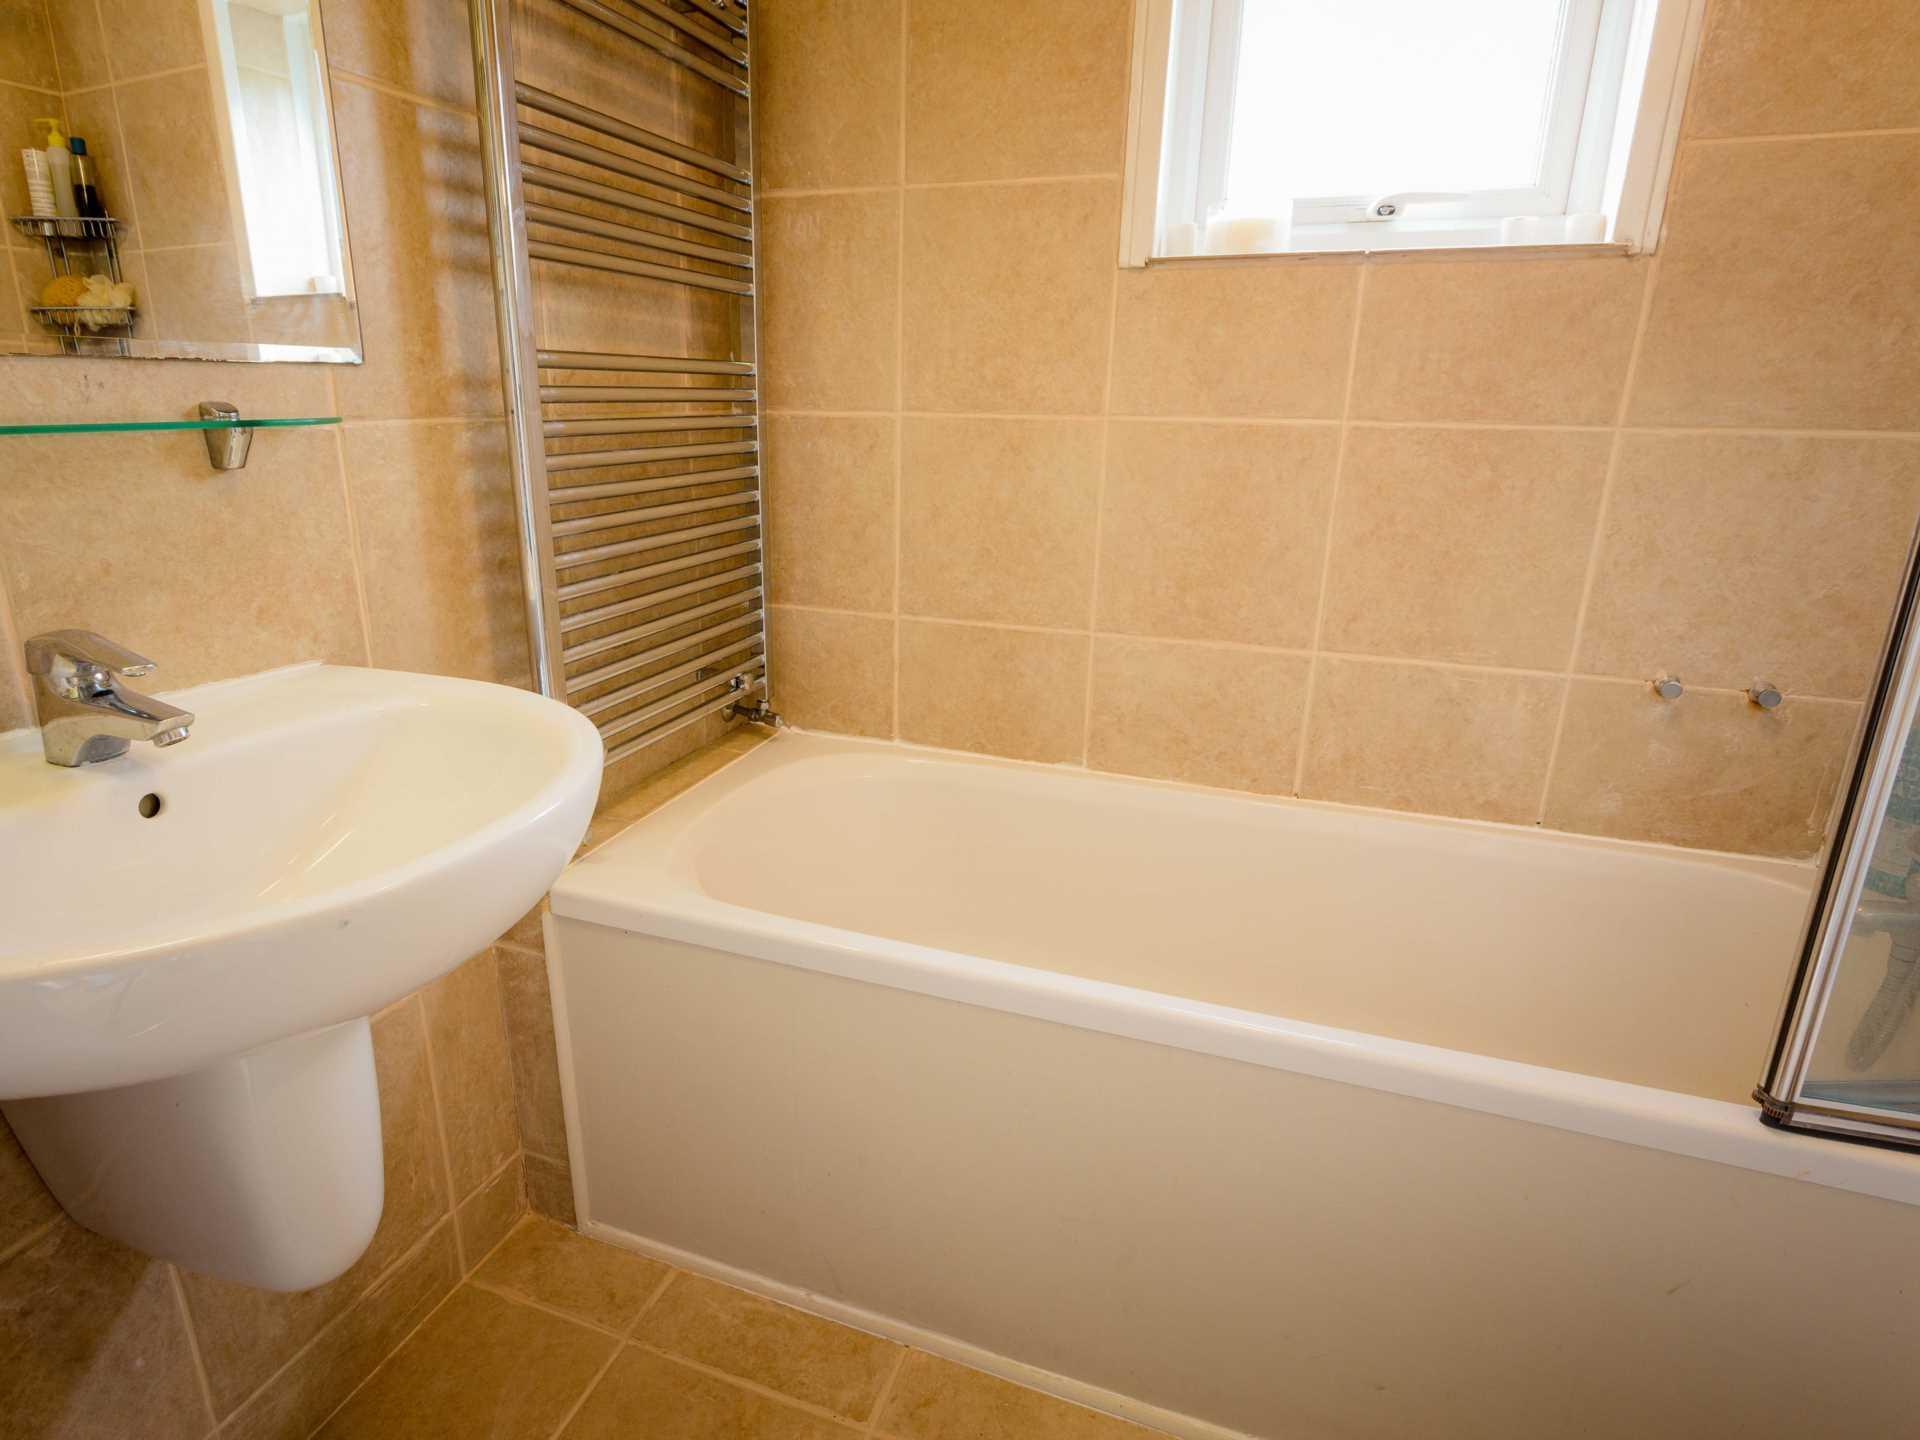 The Brow, Bath, Image 7